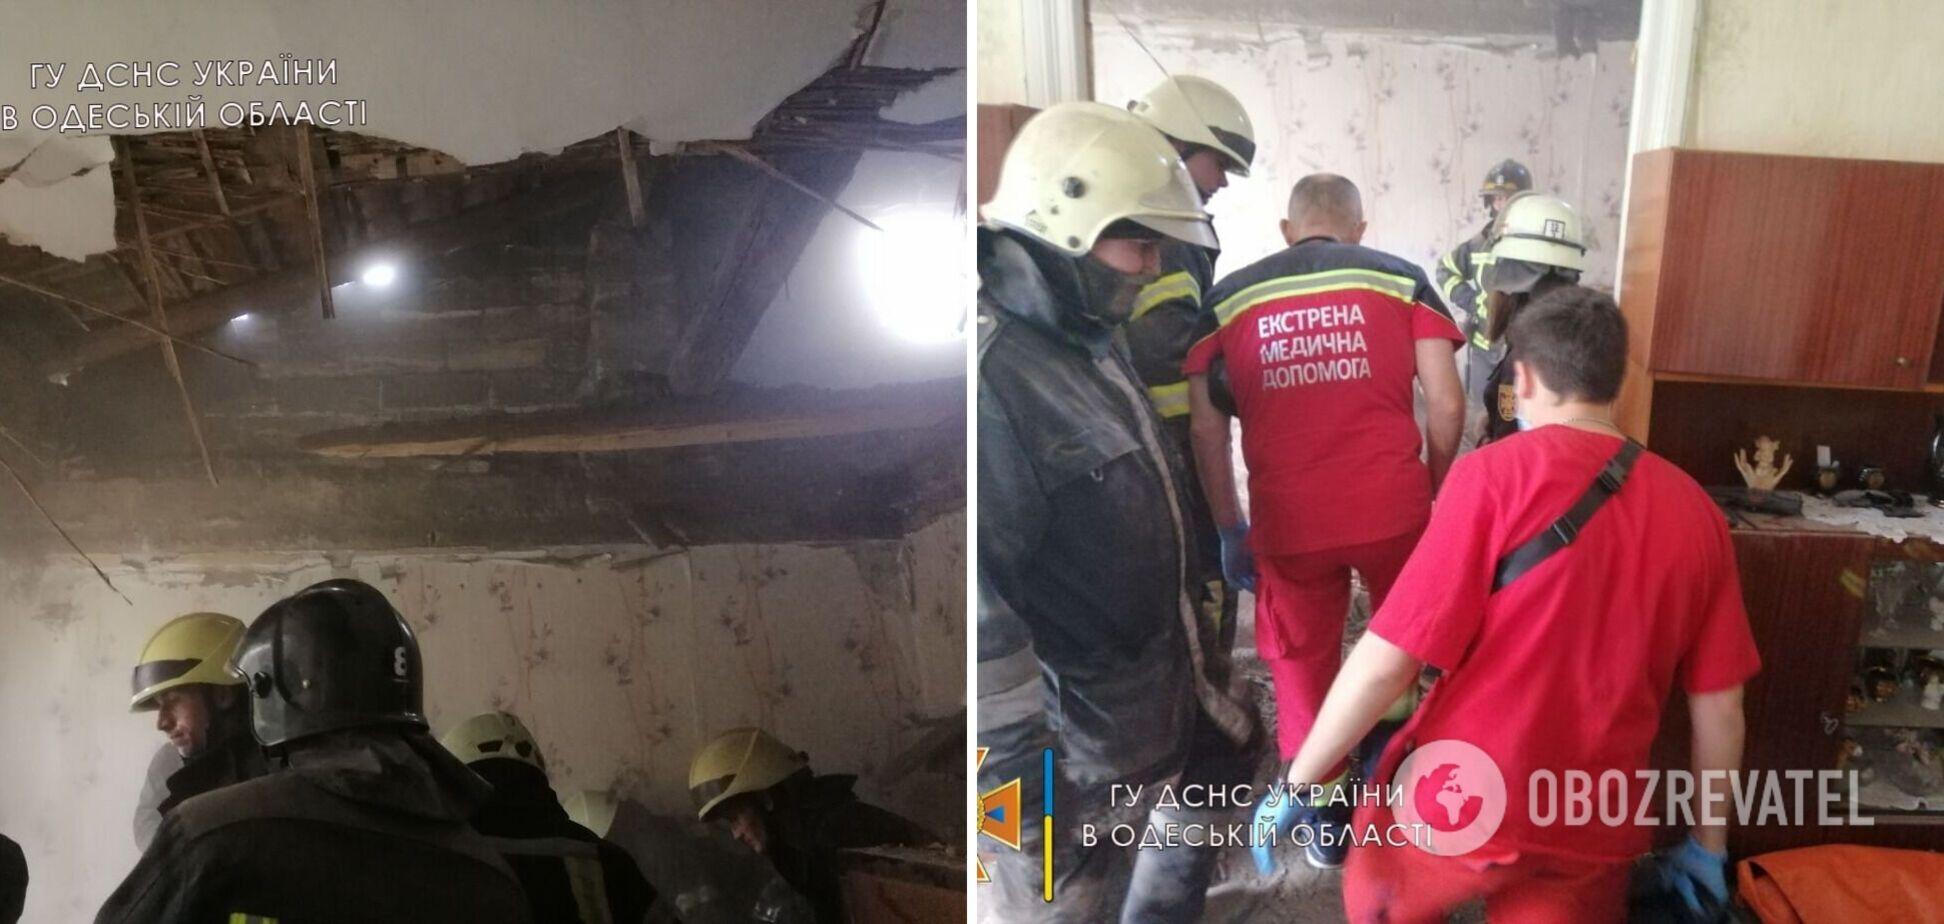 В Одессе обрушился потолок в жилом доме, обломки погребли пожилую женщину. Фото